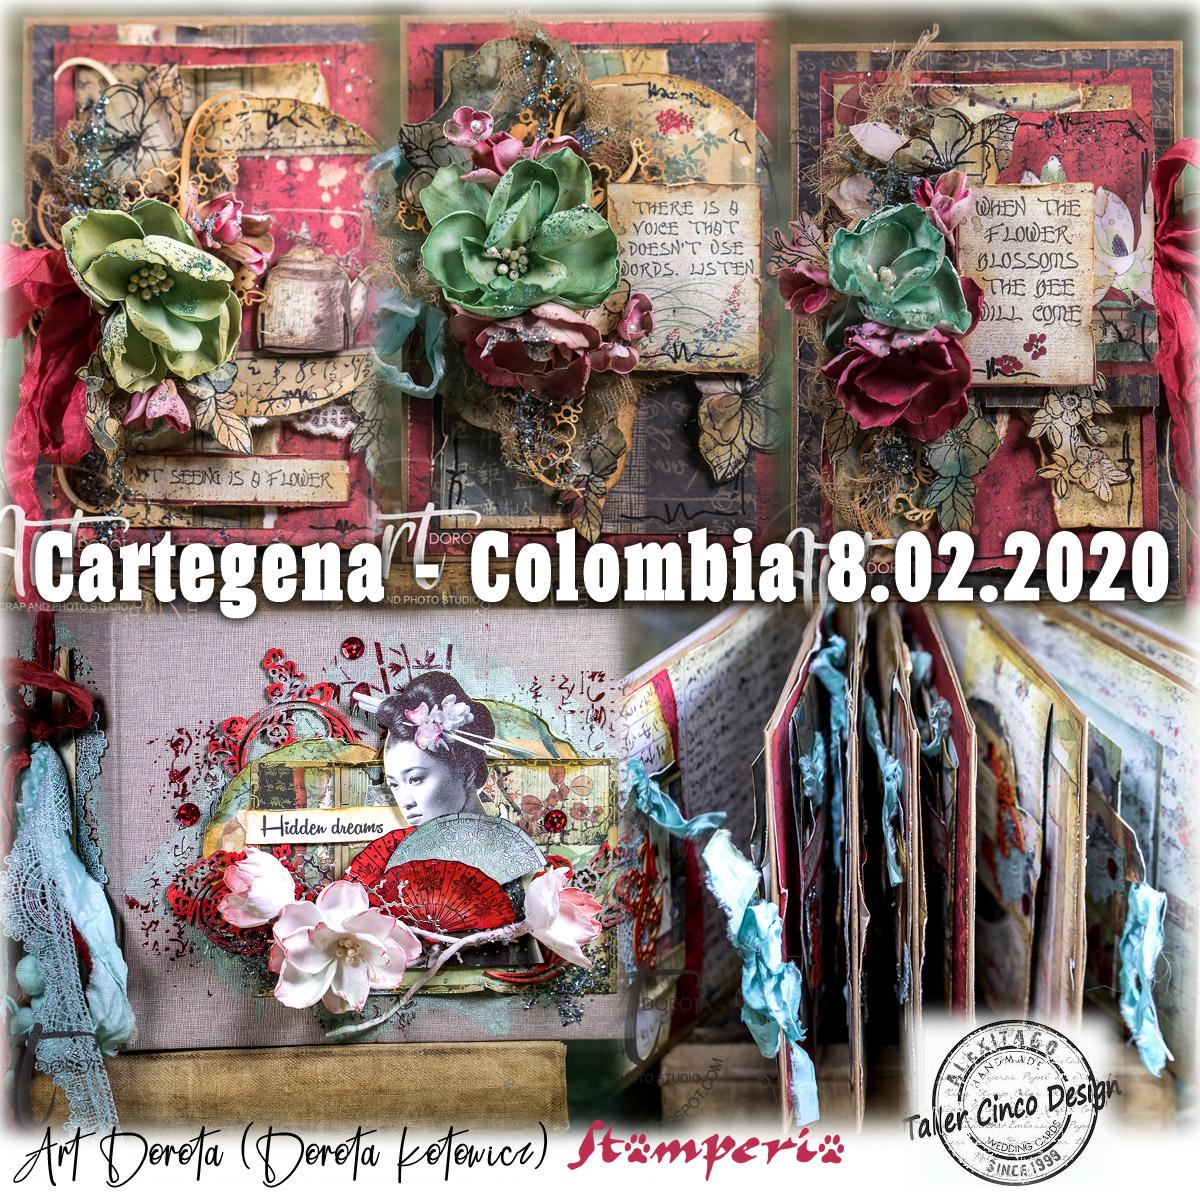 Cartagena 8-9.02,2020